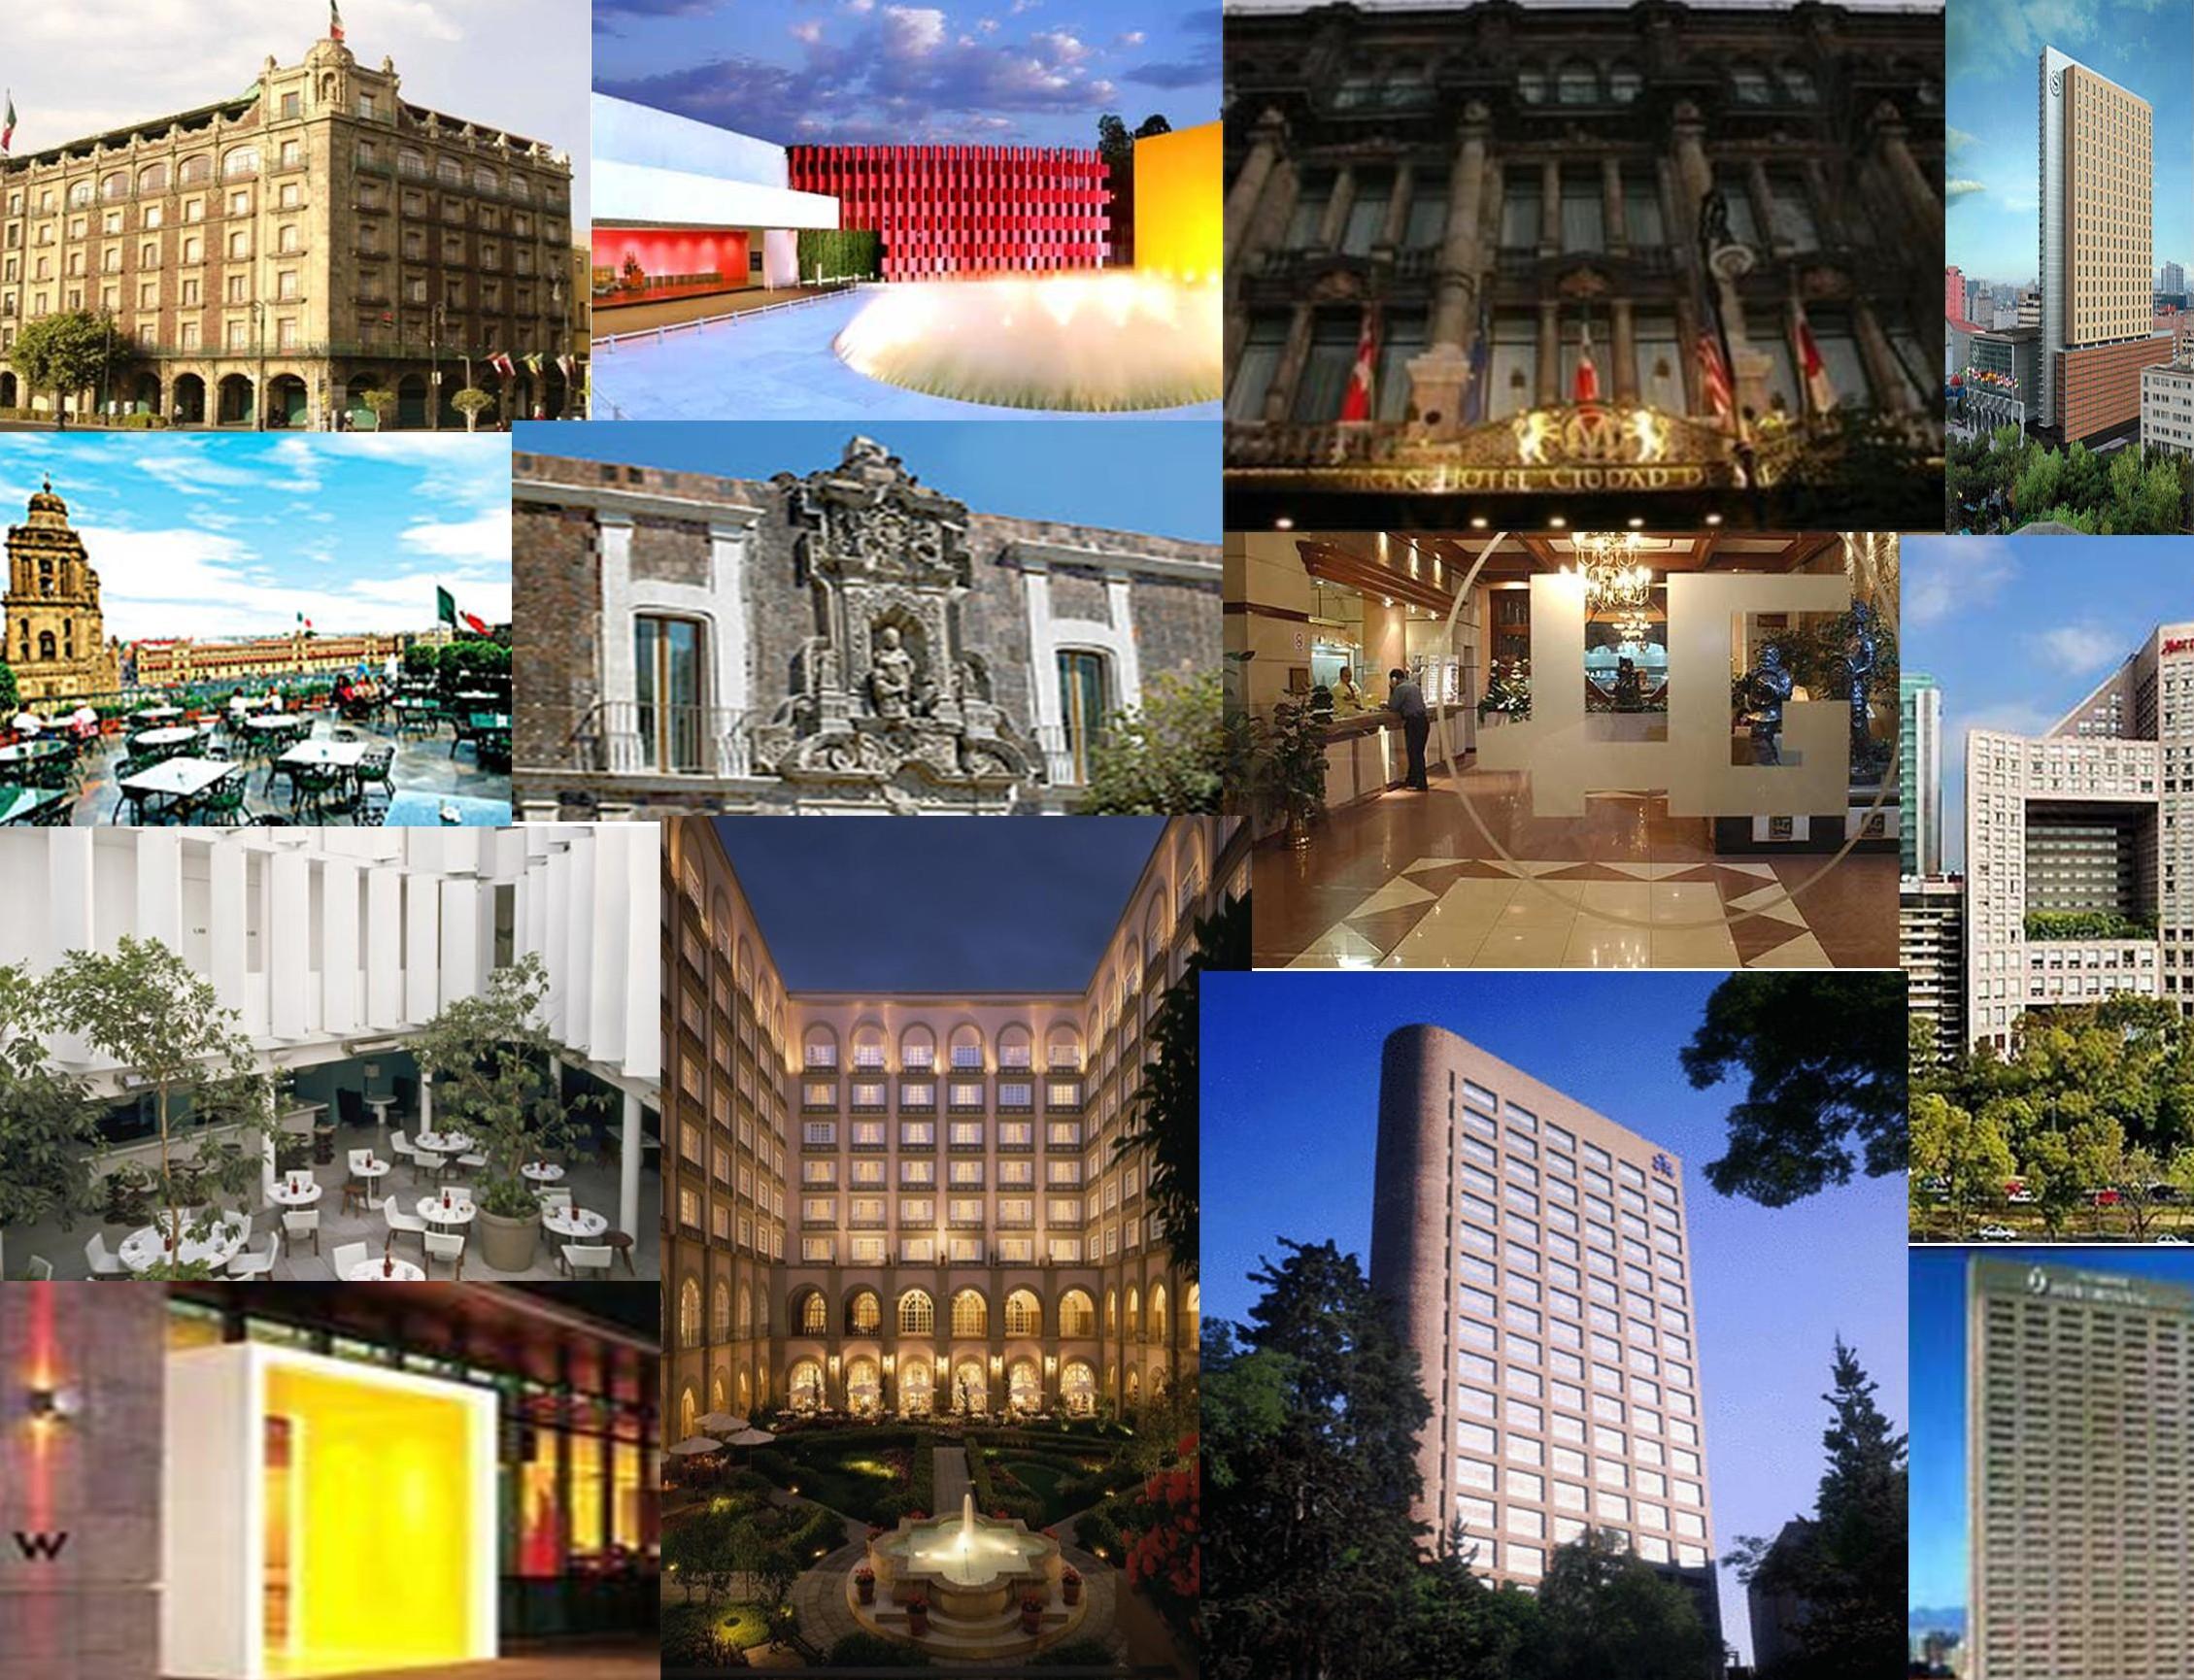 Hoteles en el mundo hoteles baratos reservas - Hoteles ritz en el mundo ...